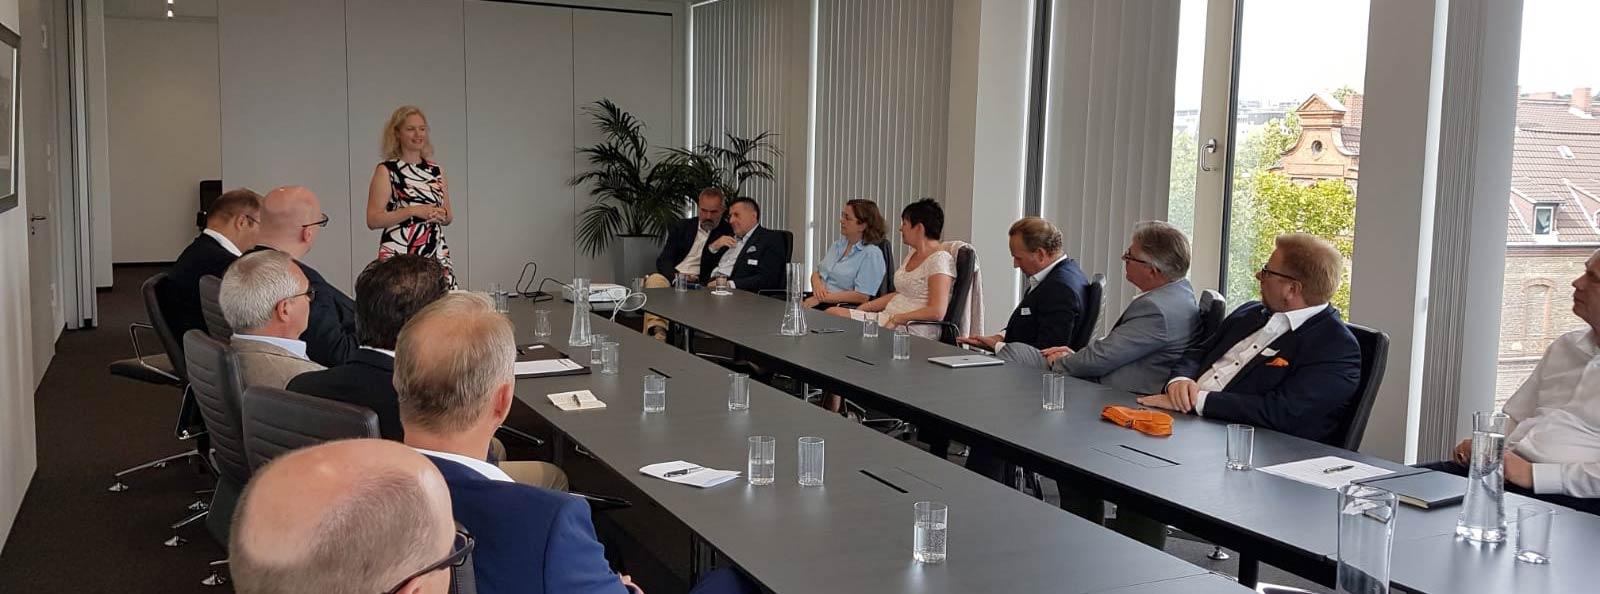 2  Partnerdialog der A B S  in Wiesbaden: zum Thema Turnaround